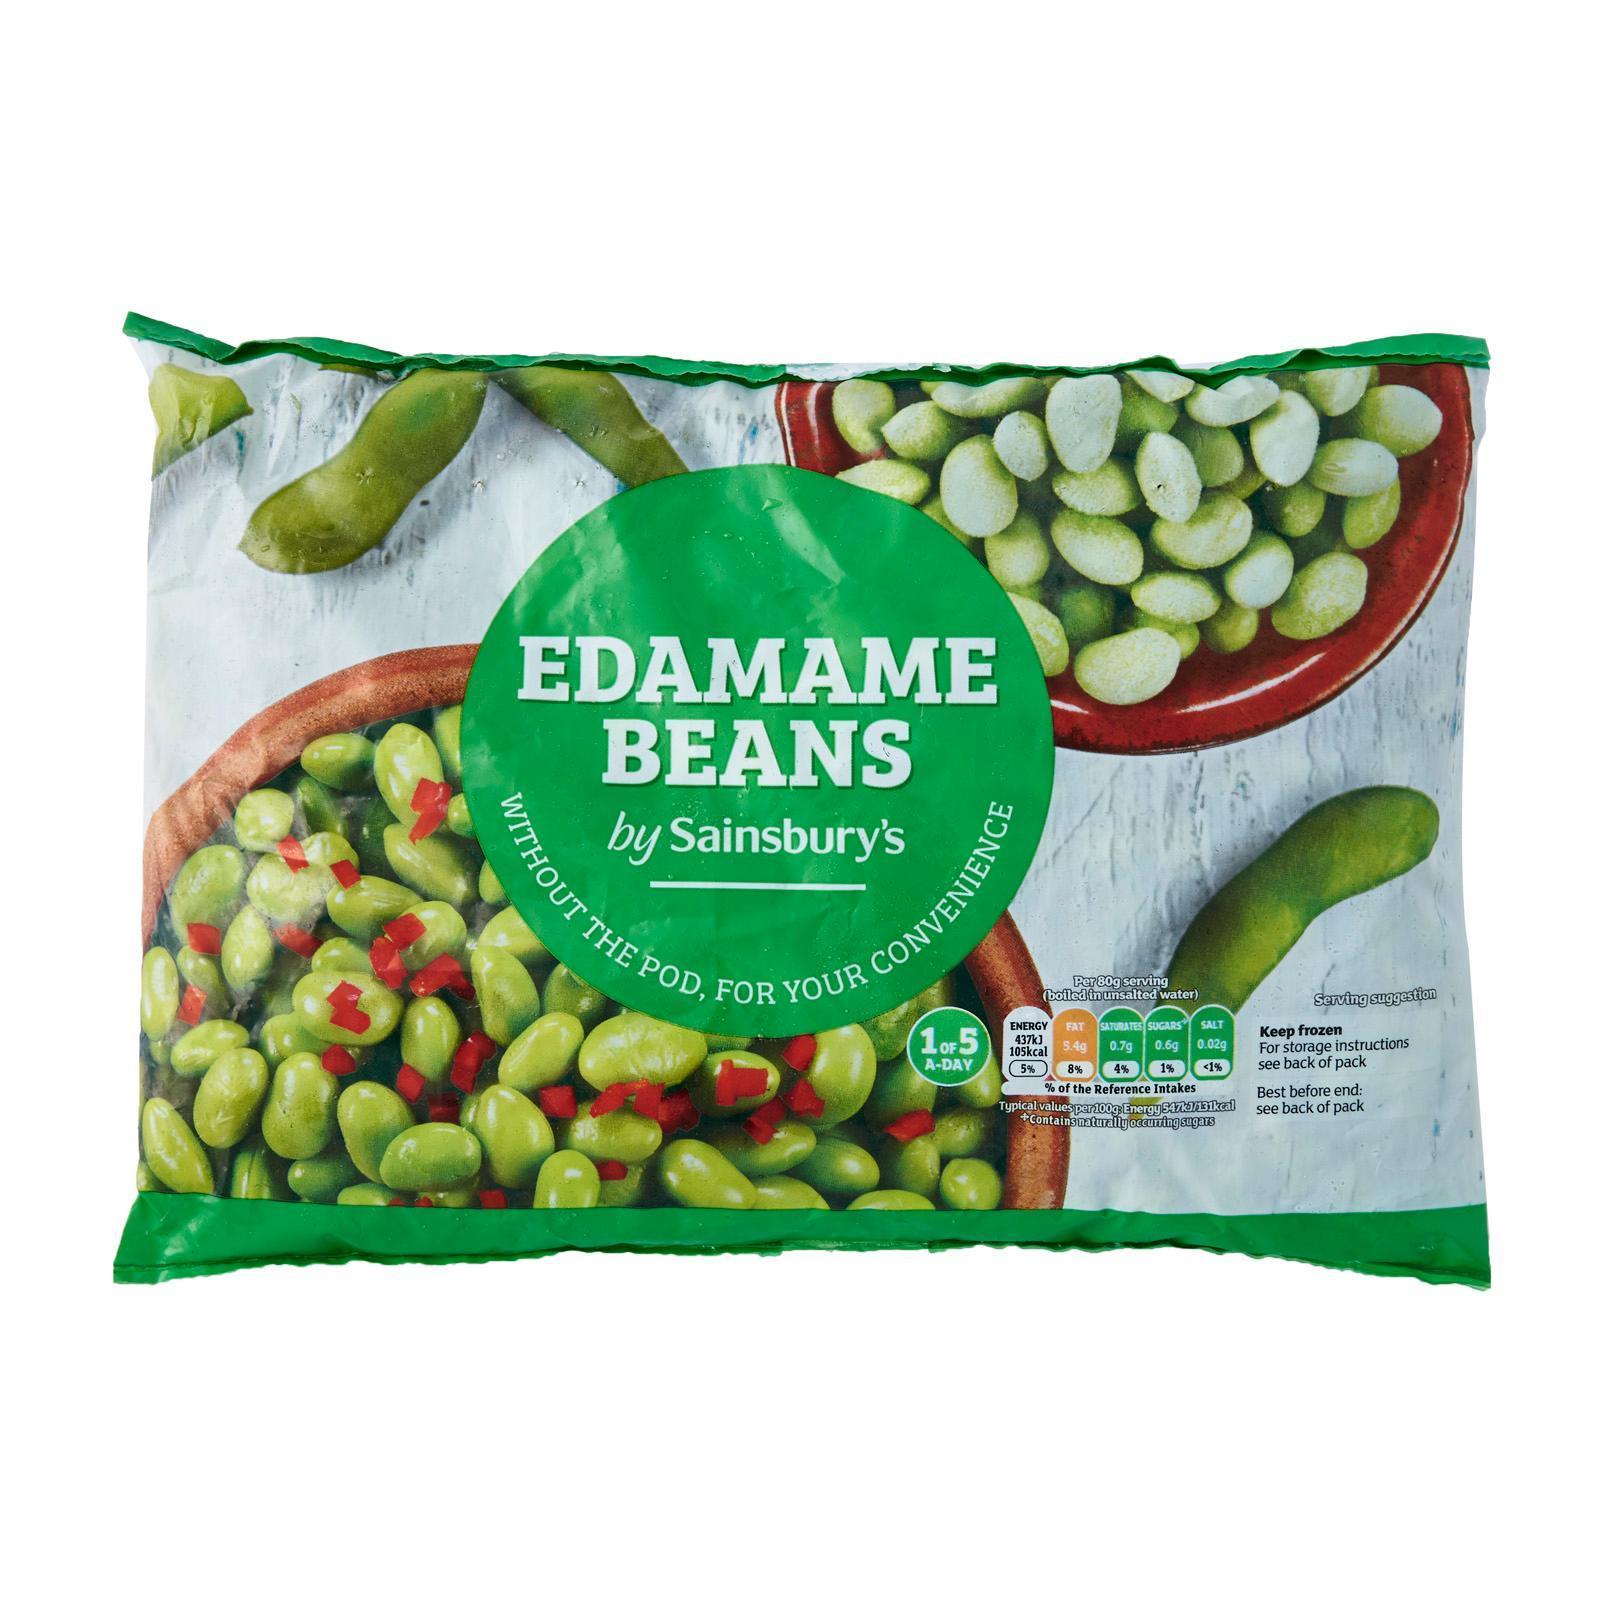 Sainsbury's Edamame Beans - Frozen